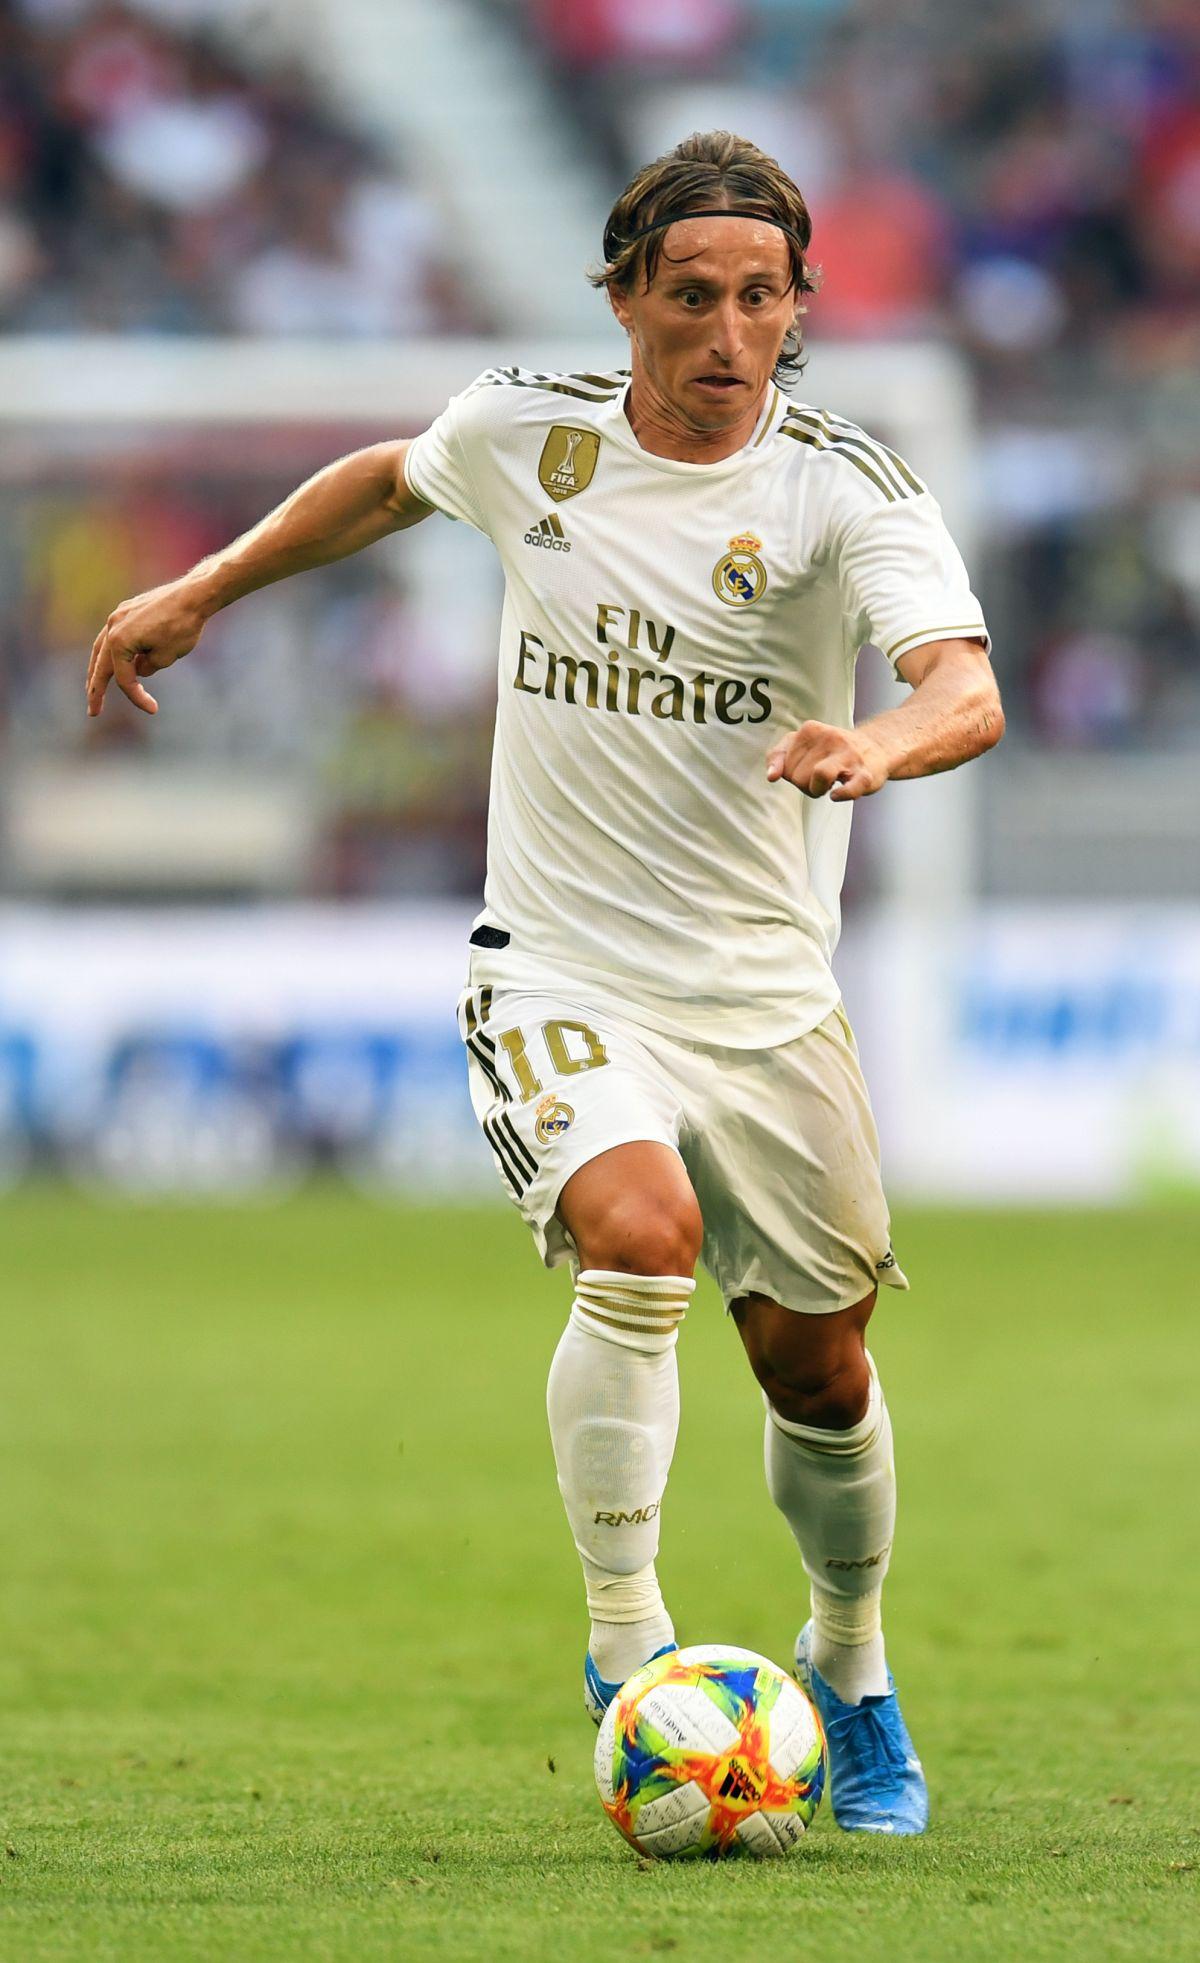 El hospital llamado Real Madrid: Ahora la víctima fue Luka Modric